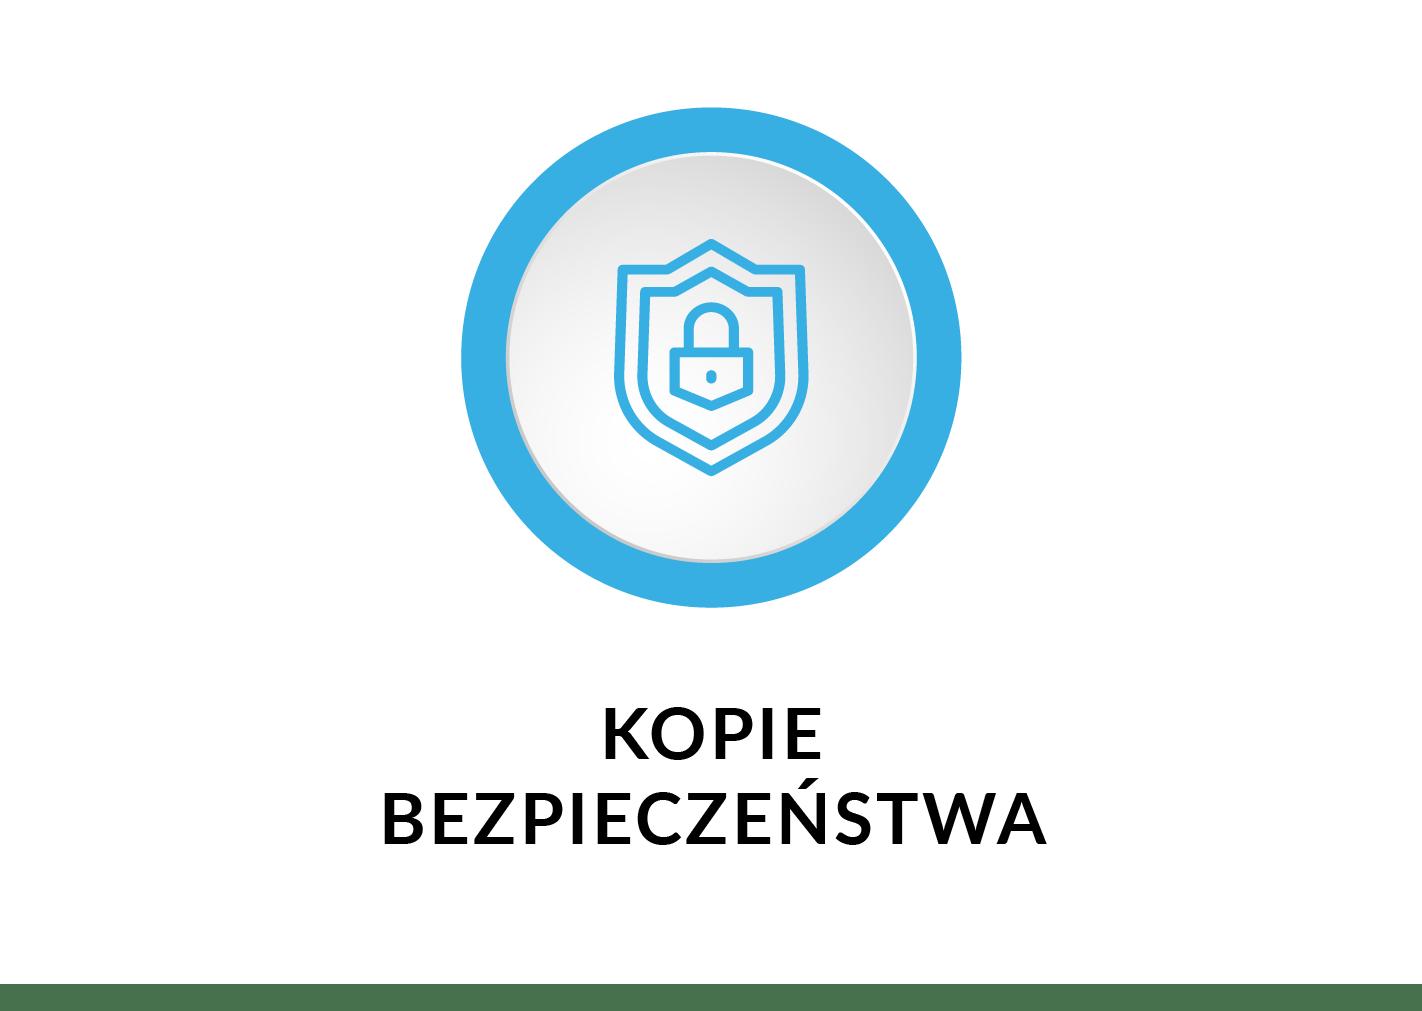 kopie-bezpieczenstwa (1)